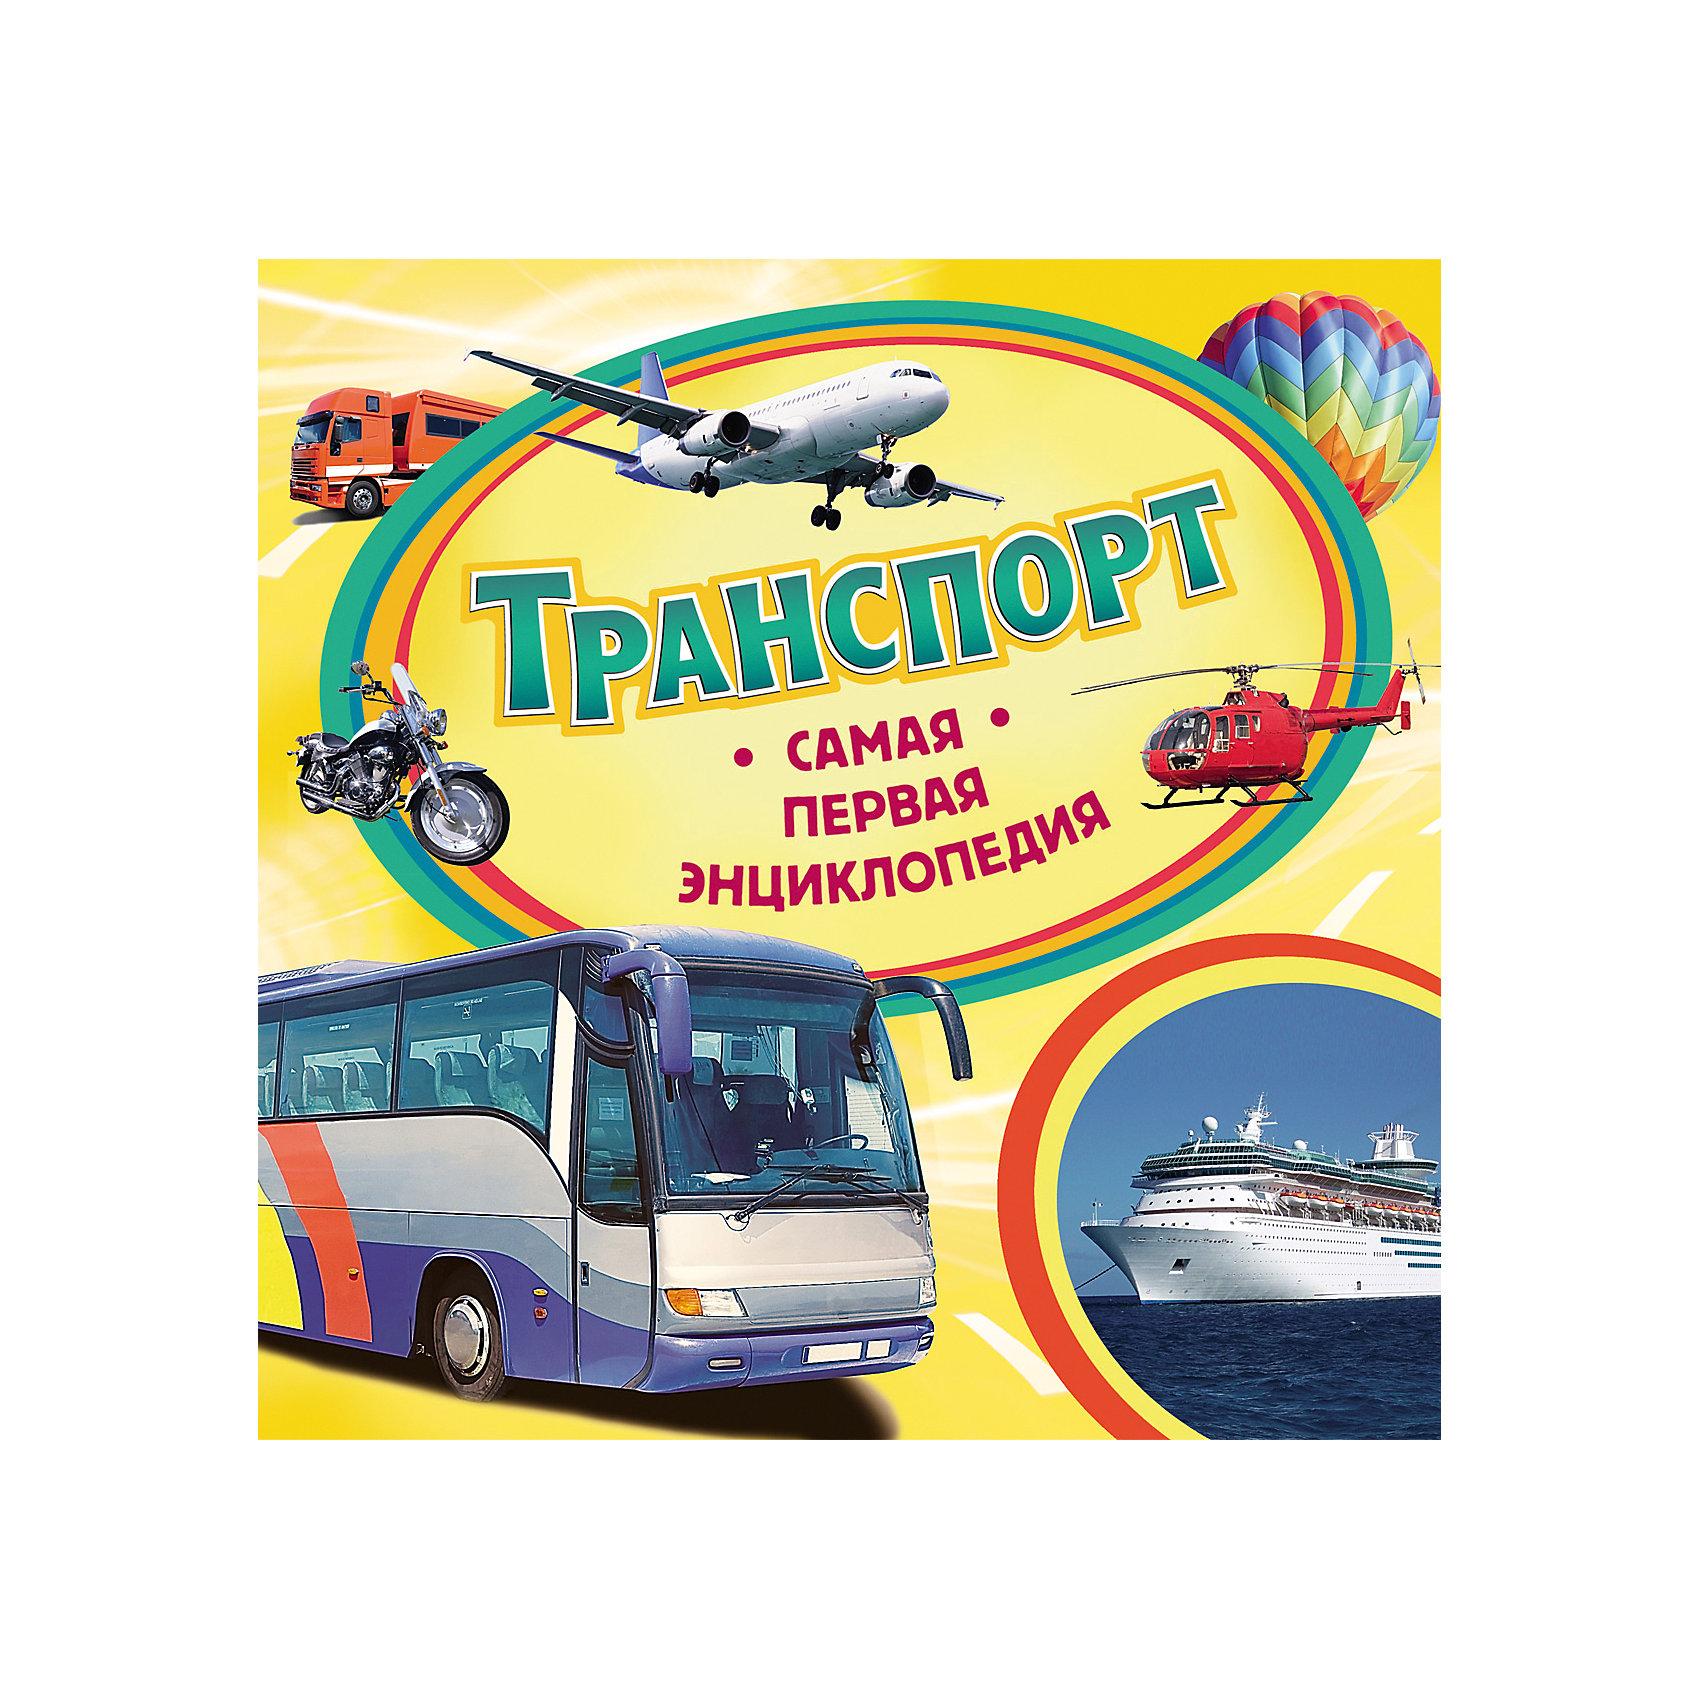 Самая первая энциклопедия ТранспортЭнциклопедии<br>Самая первая энциклопедия Транспорт <br><br>Характеристики:<br><br>- издательство Росмэн<br>- количество страниц: 36<br>- формат: 23 * 0,8 * 23 см.<br>- Тип обложки: 7Бц – твердая целлофинированная<br>- Иллюстрации: цветные<br>- вес: 300 гр.<br><br>Книга Транспорт из серии Самая первая энциклопедия придет по вкусу как любителям серии, так и новичкам. Эта детская книга включает в себя множество цветных иллюстраций, которые делают информацию в книге интересной, наглядной и запоминающейся. Книга расскажет о самых важных видах транспорта от кораблей, до самолетов. Энциклопедия содержит информацию о современных автомобилях и поездах, рассказывая как осуществляется сообщение поездов и дорожное движение. Вопросы почемучки теперь решать легче с помощью этой книги. Энциклопедия поможет малышу узнать мир больше, расширить кругозор и словарный запас. <br><br>Самую первую энциклопедию Транспорт можно купить в нашем интернет-магазине.<br><br>Ширина мм: 225<br>Глубина мм: 225<br>Высота мм: 8<br>Вес г: 302<br>Возраст от месяцев: 36<br>Возраст до месяцев: 72<br>Пол: Унисекс<br>Возраст: Детский<br>SKU: 5109711